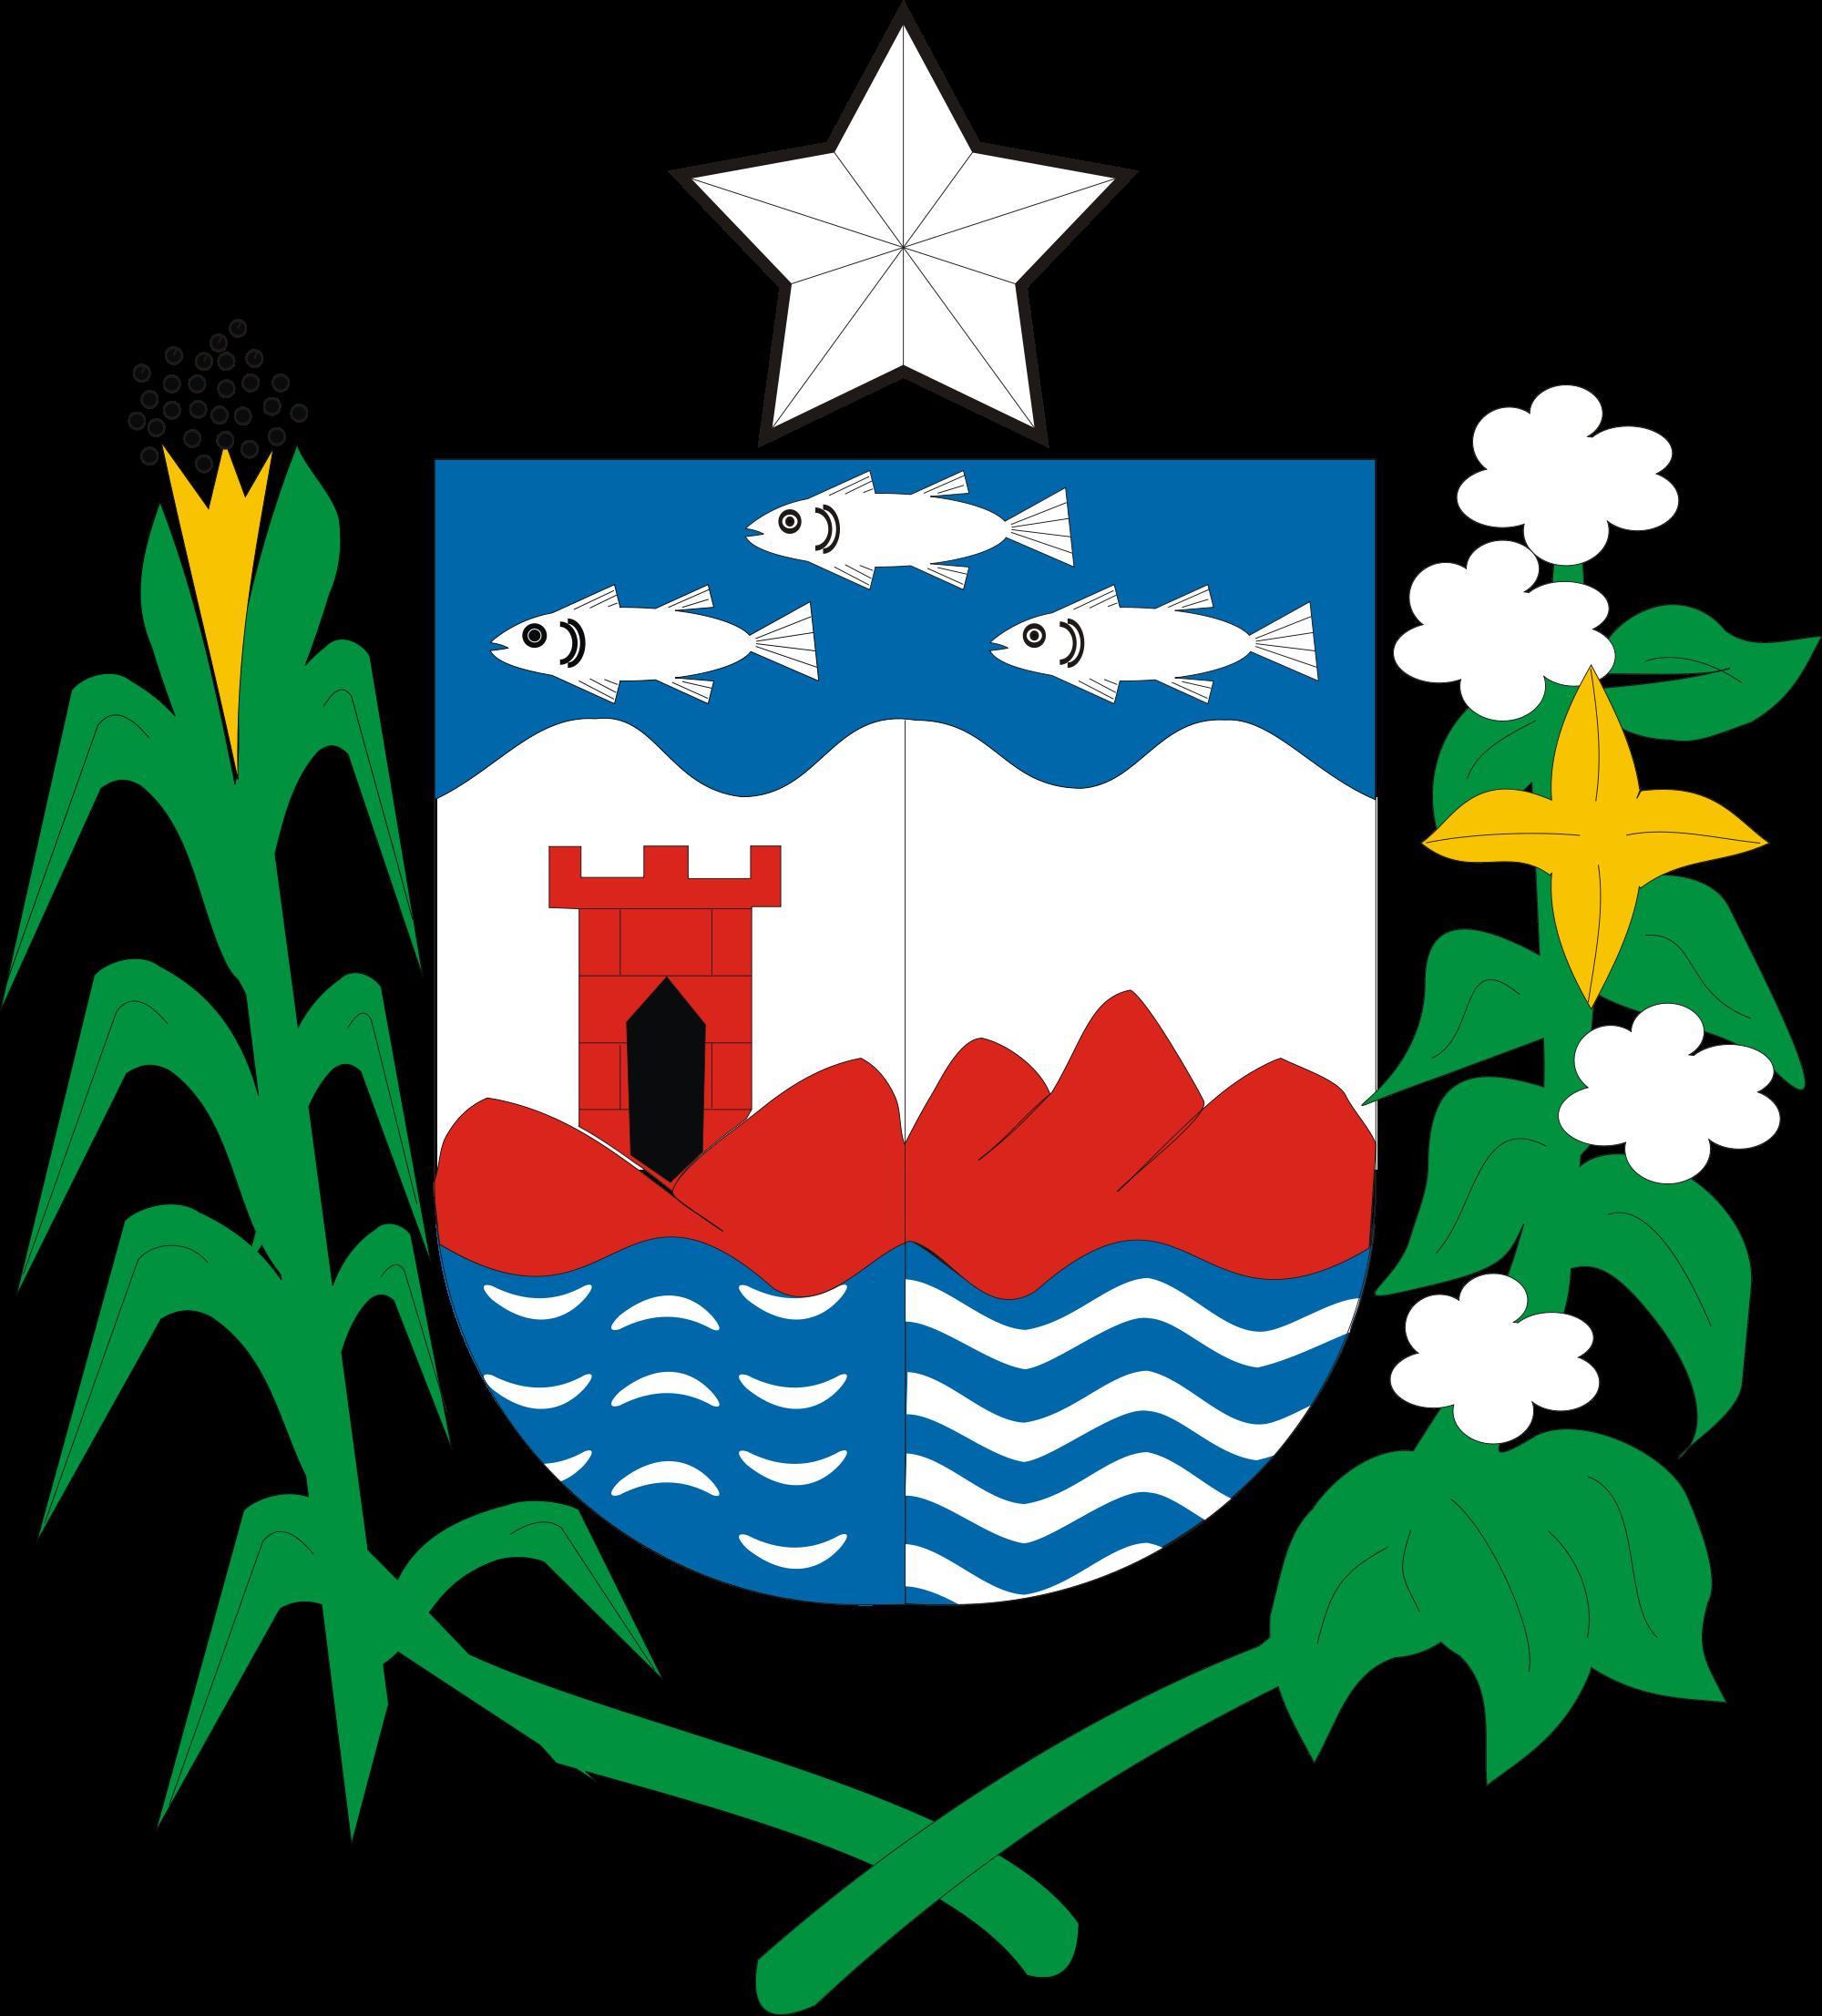 File:Brasão do Estado de Alagoas.svg.